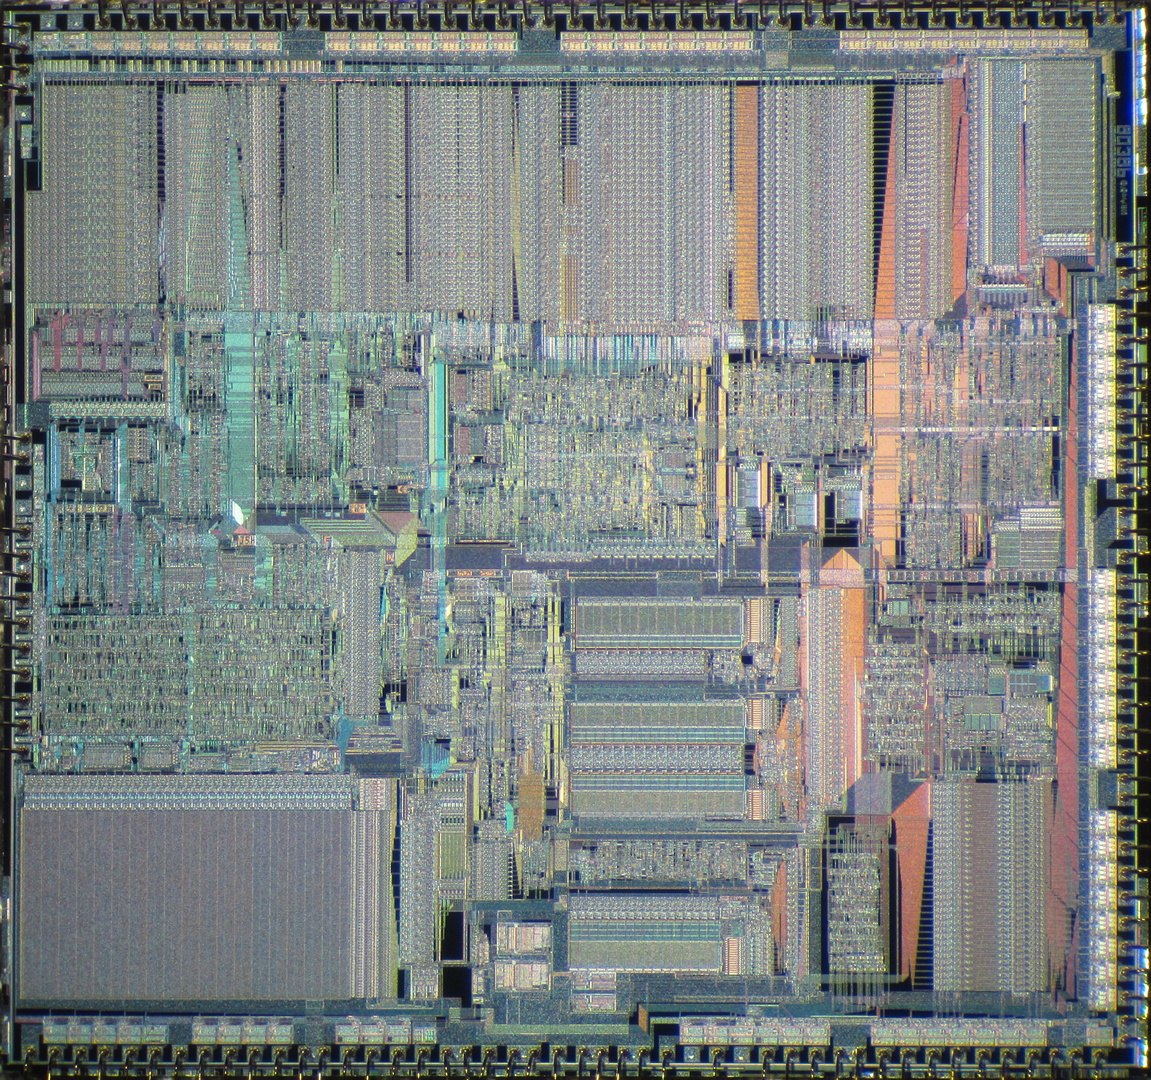 Intel i386DX-25